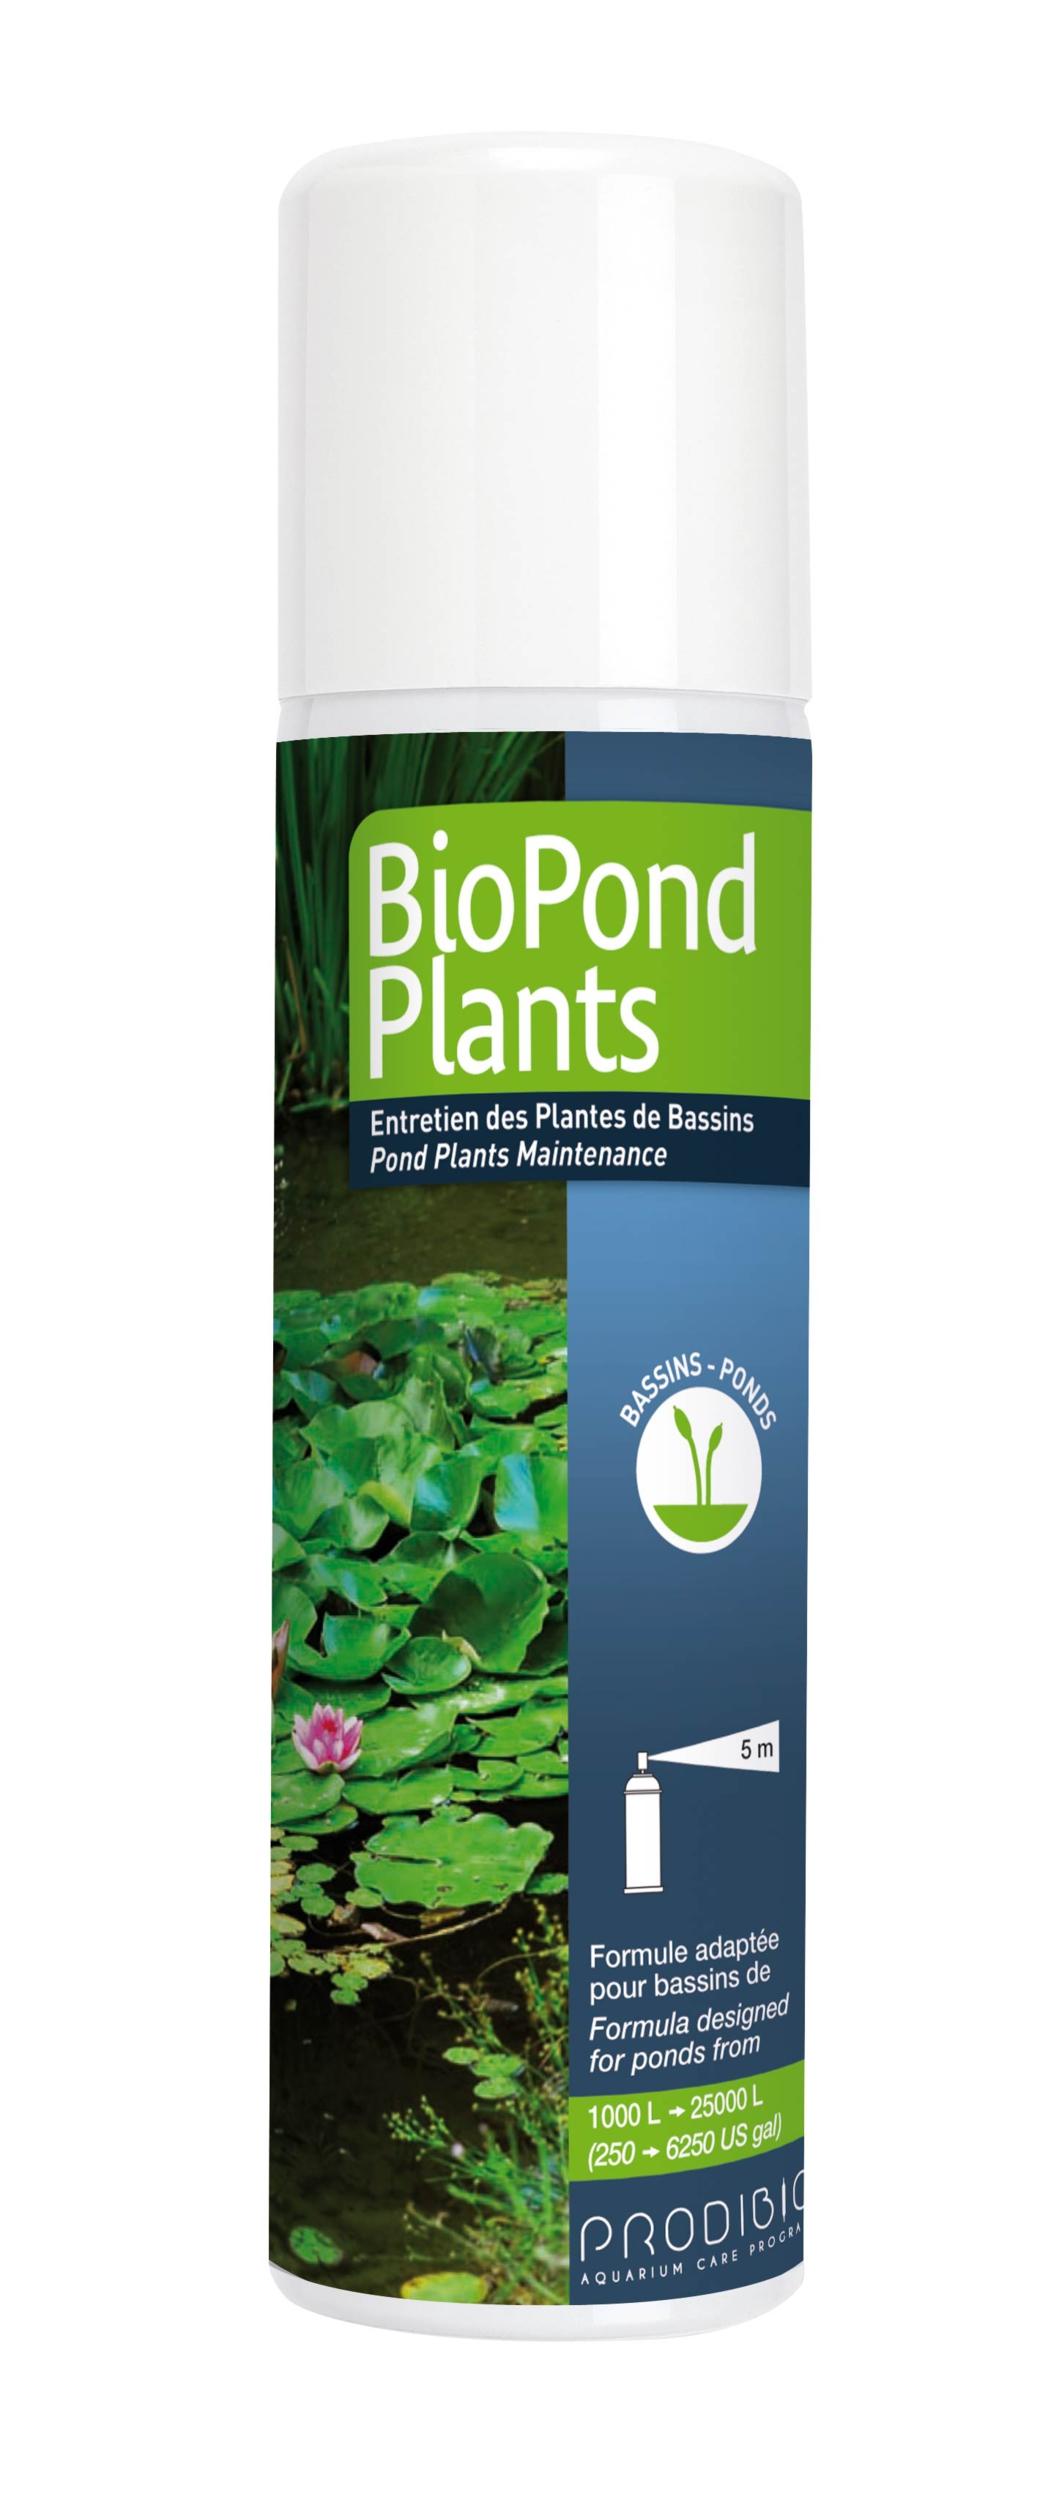 PRODIBIO BioPond Plants 125 ml engrais sans nitrate ni phosphate pour les végétaux des bassins